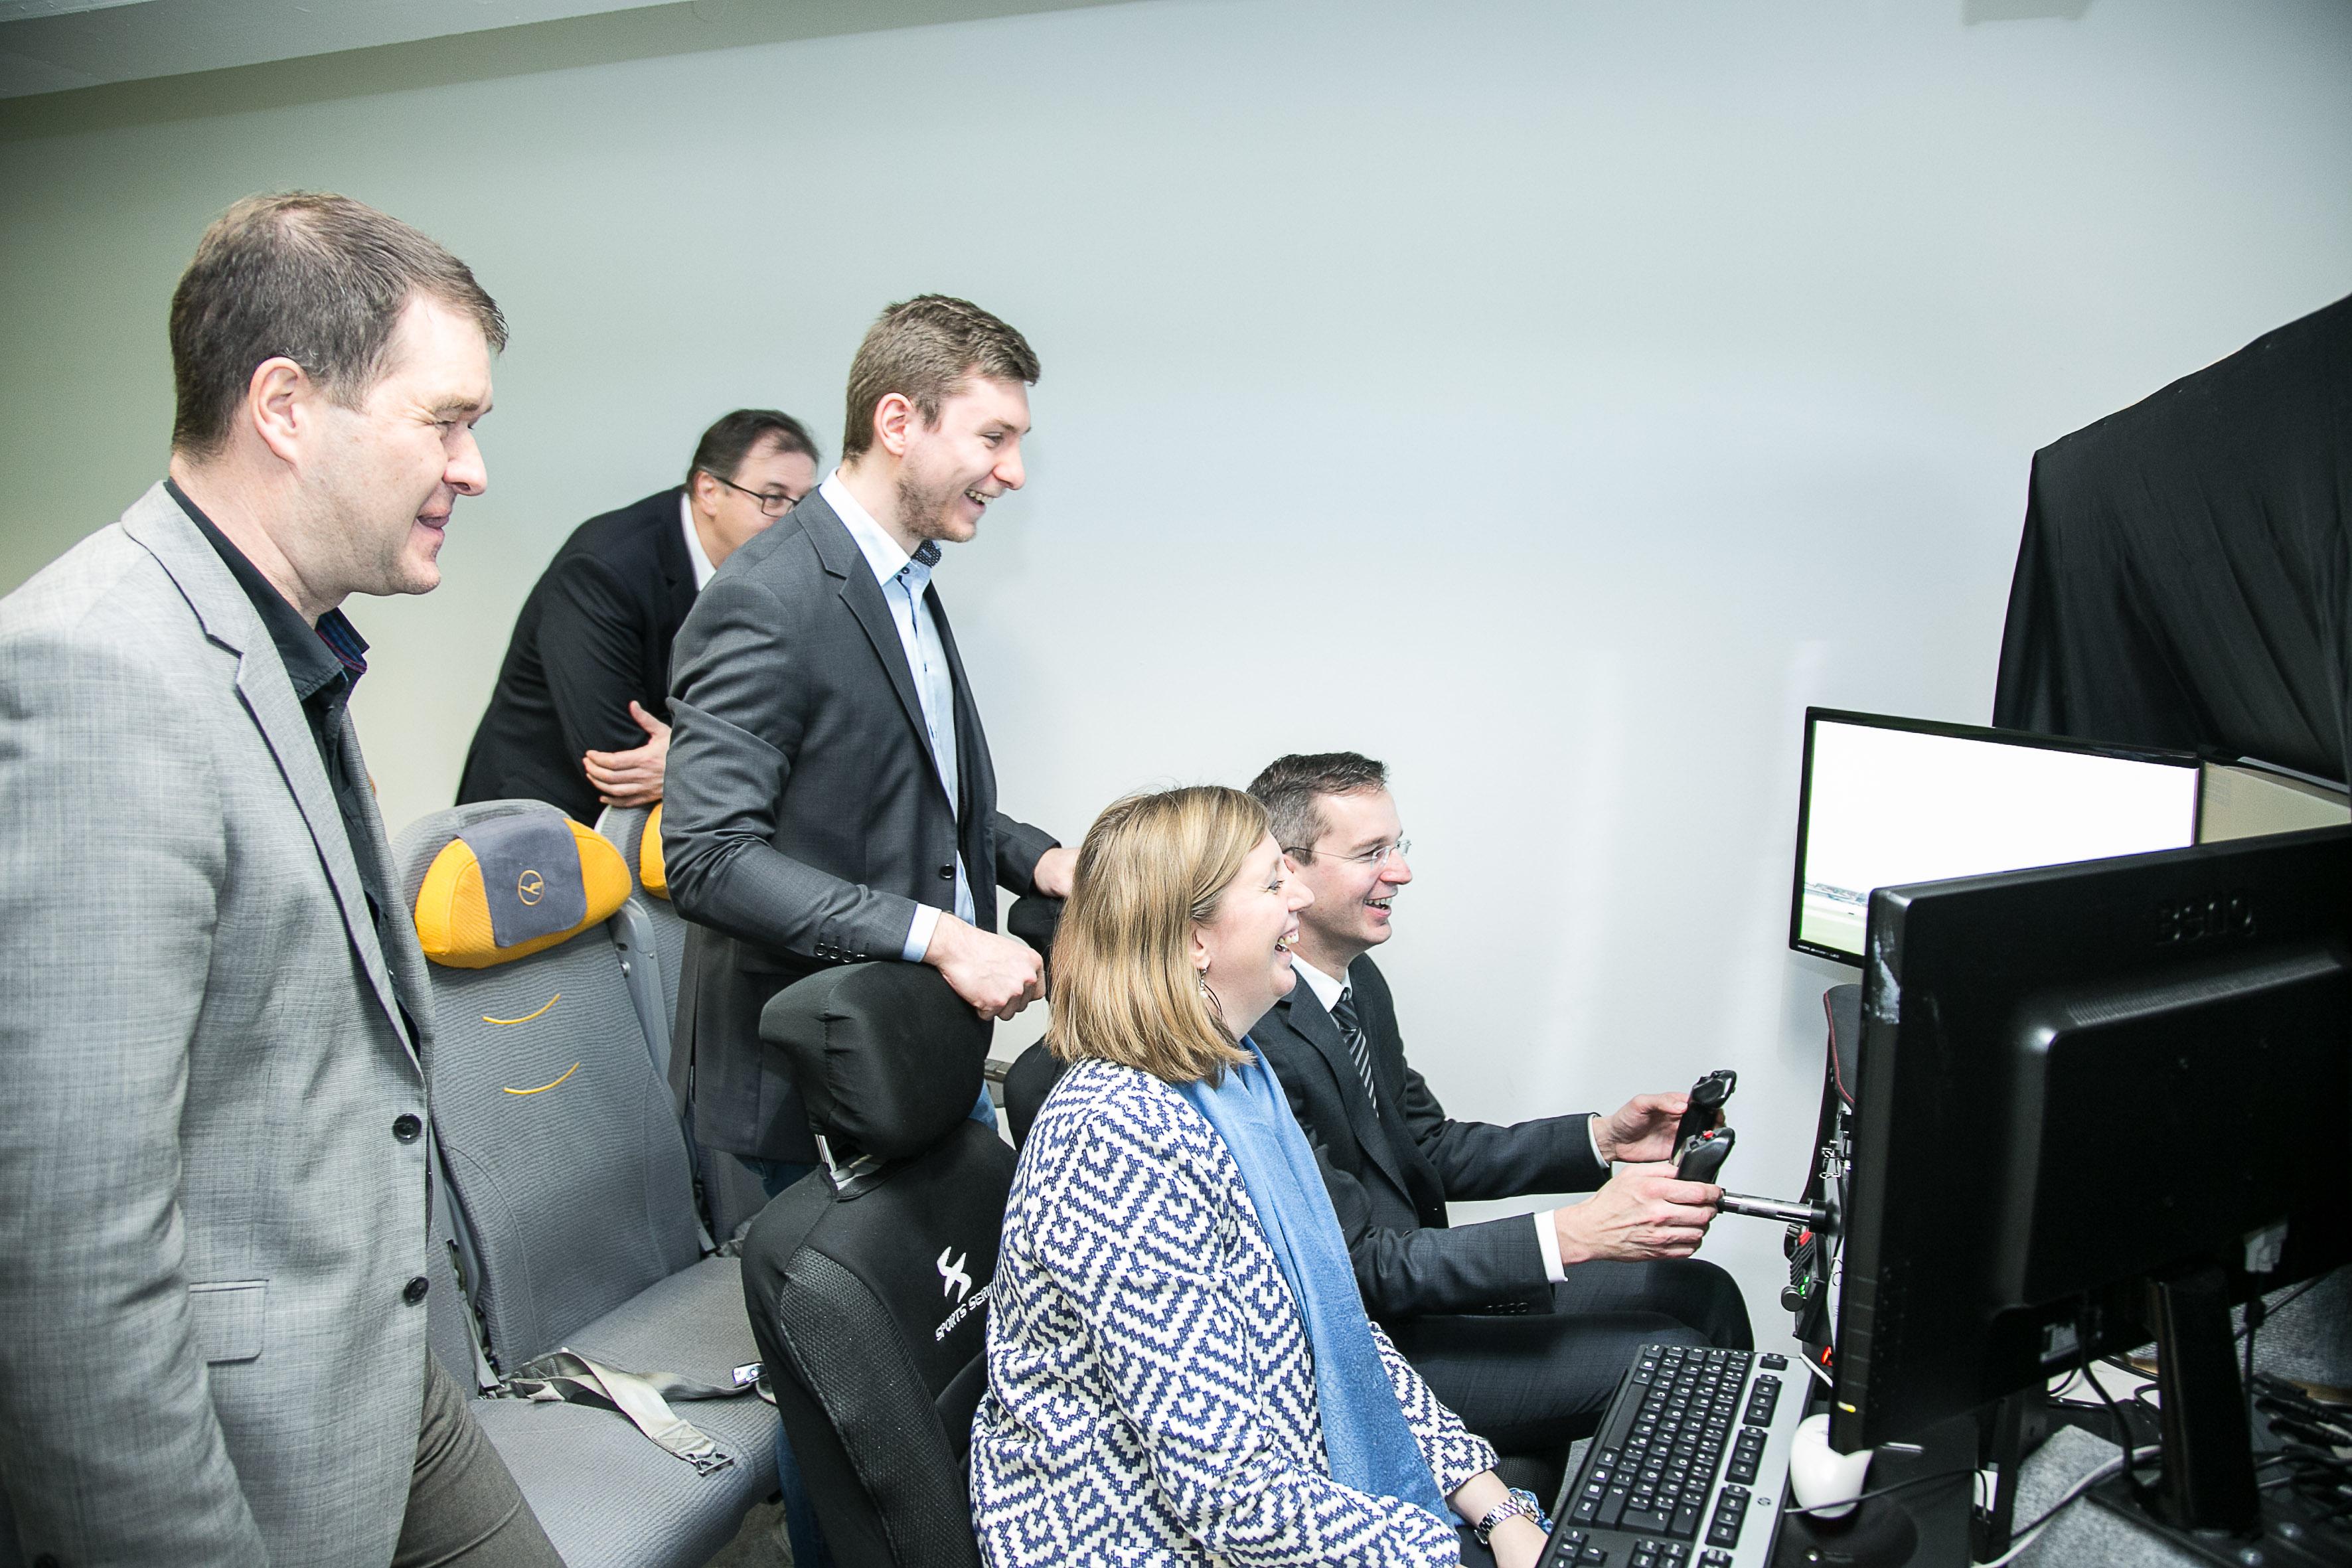 Fünf Personen in einem Computer-Flugsimulator.